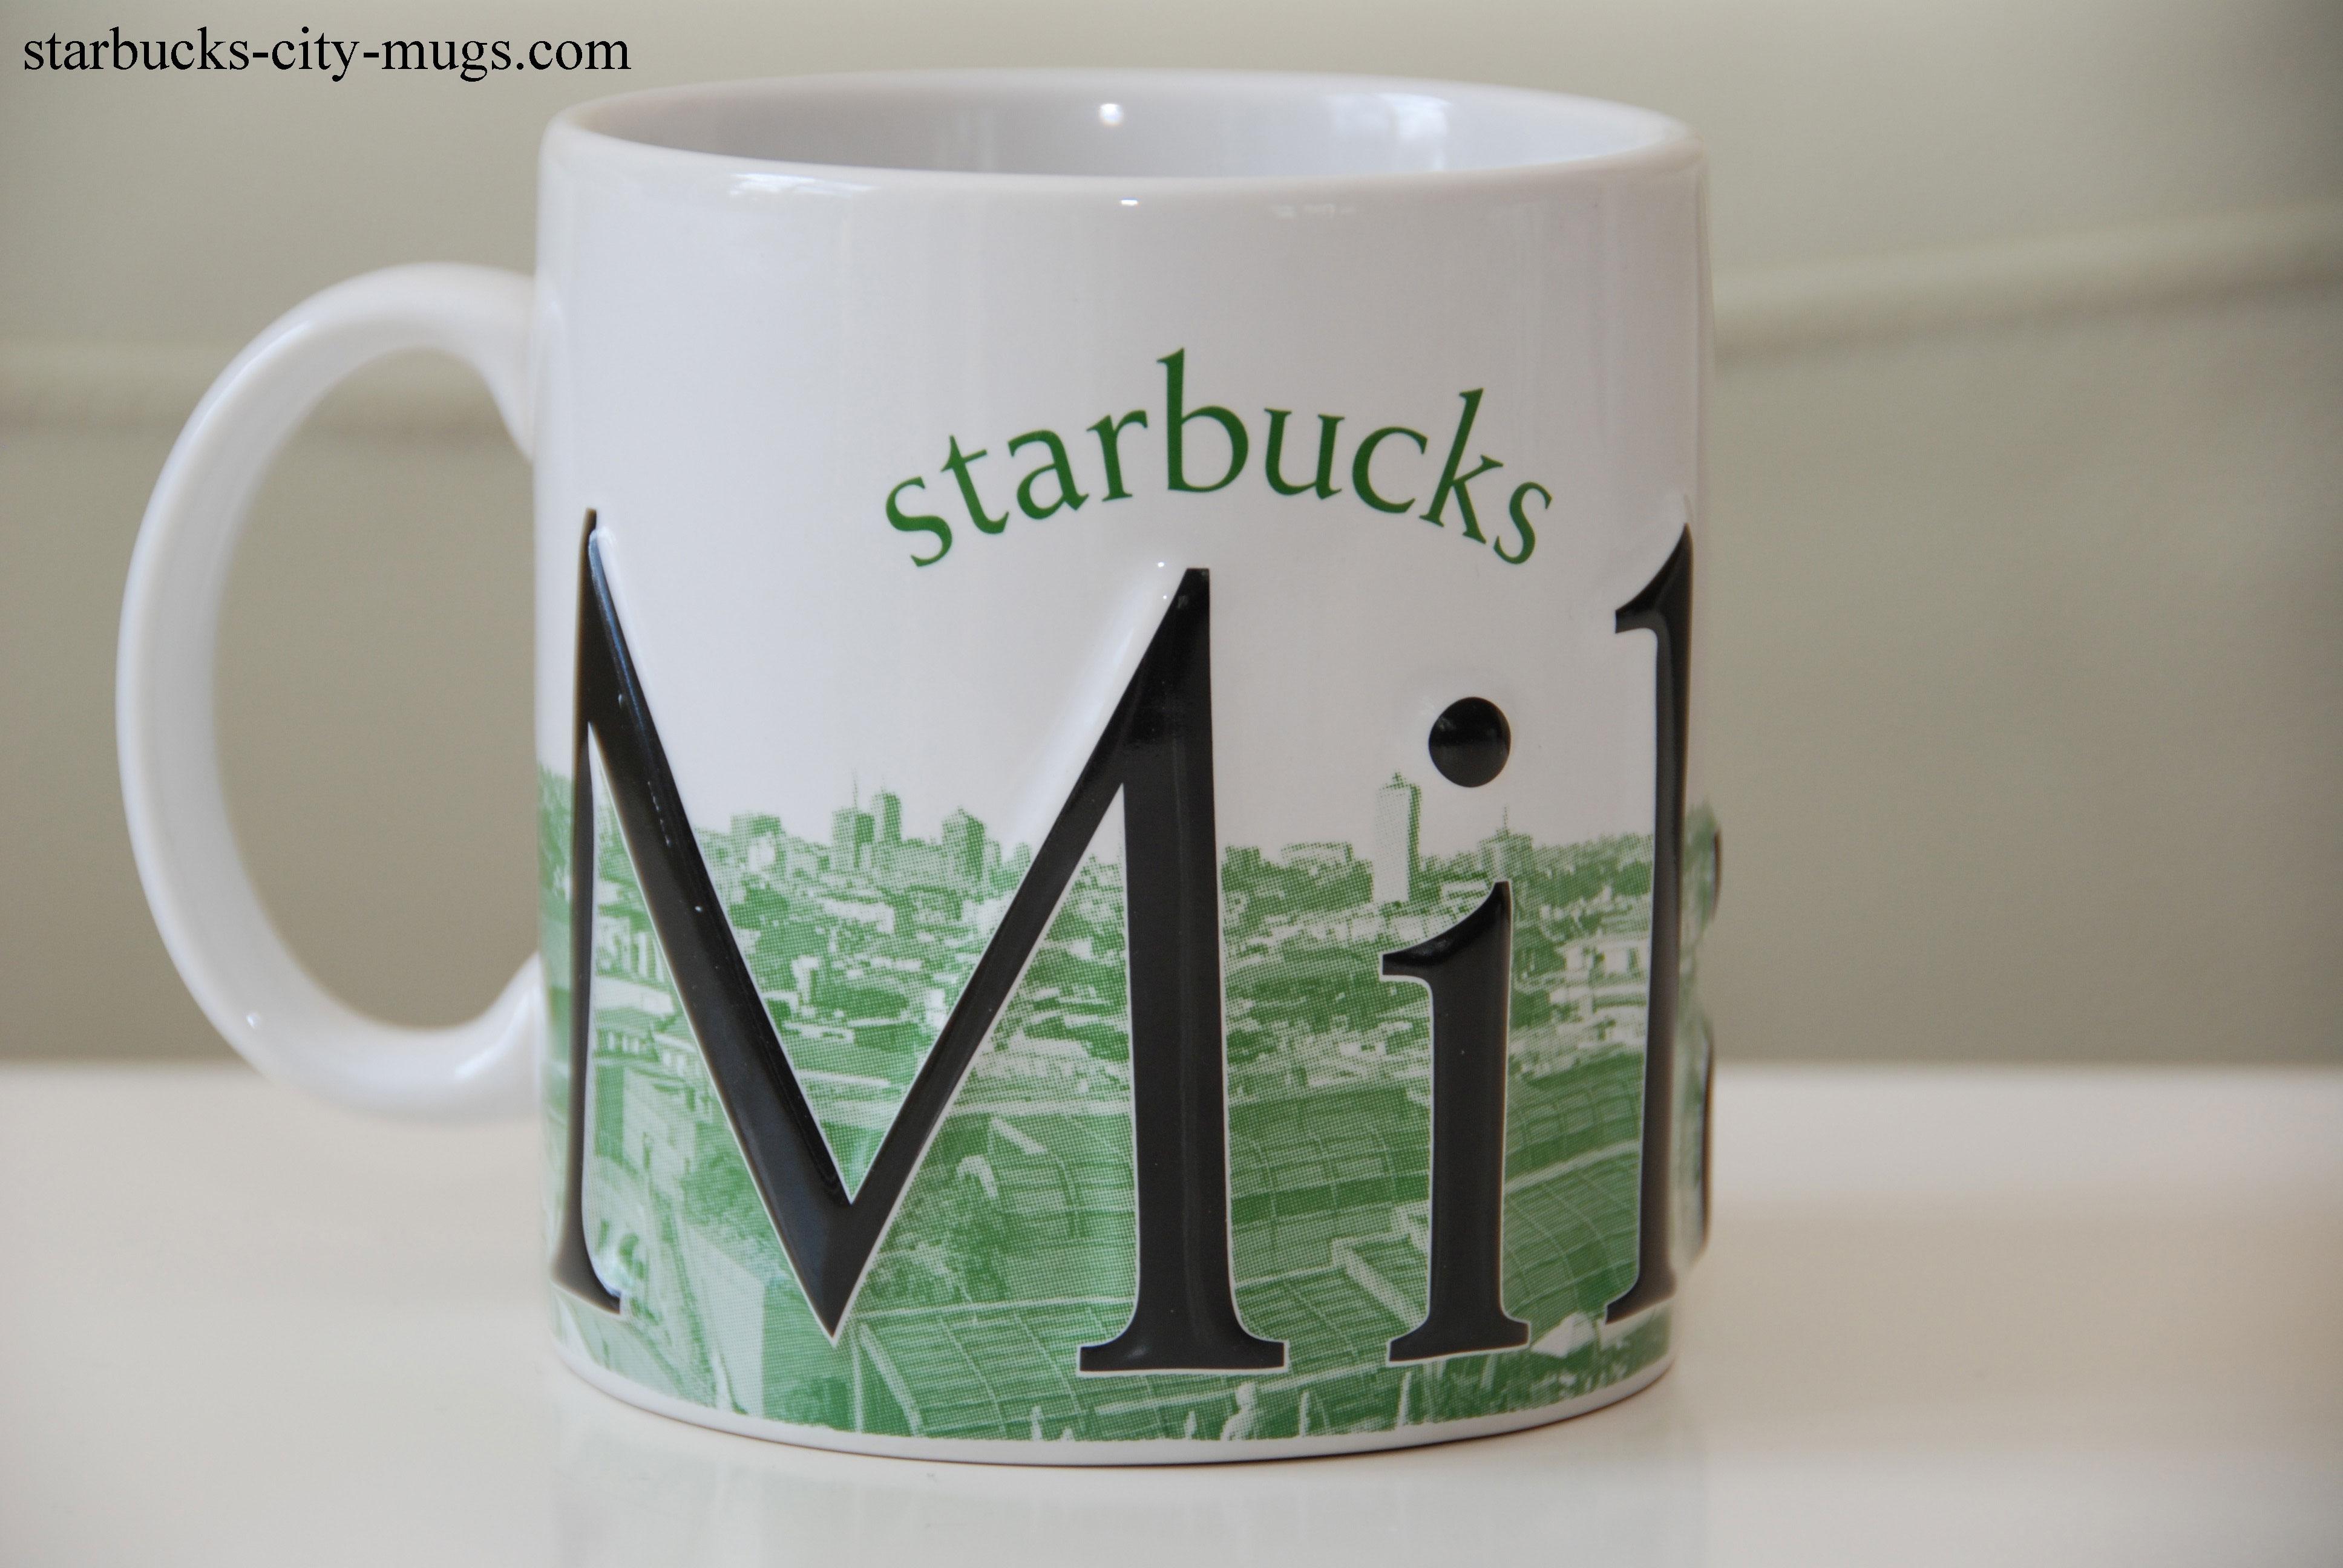 Milano starbucks city mugs for Starbucks italie